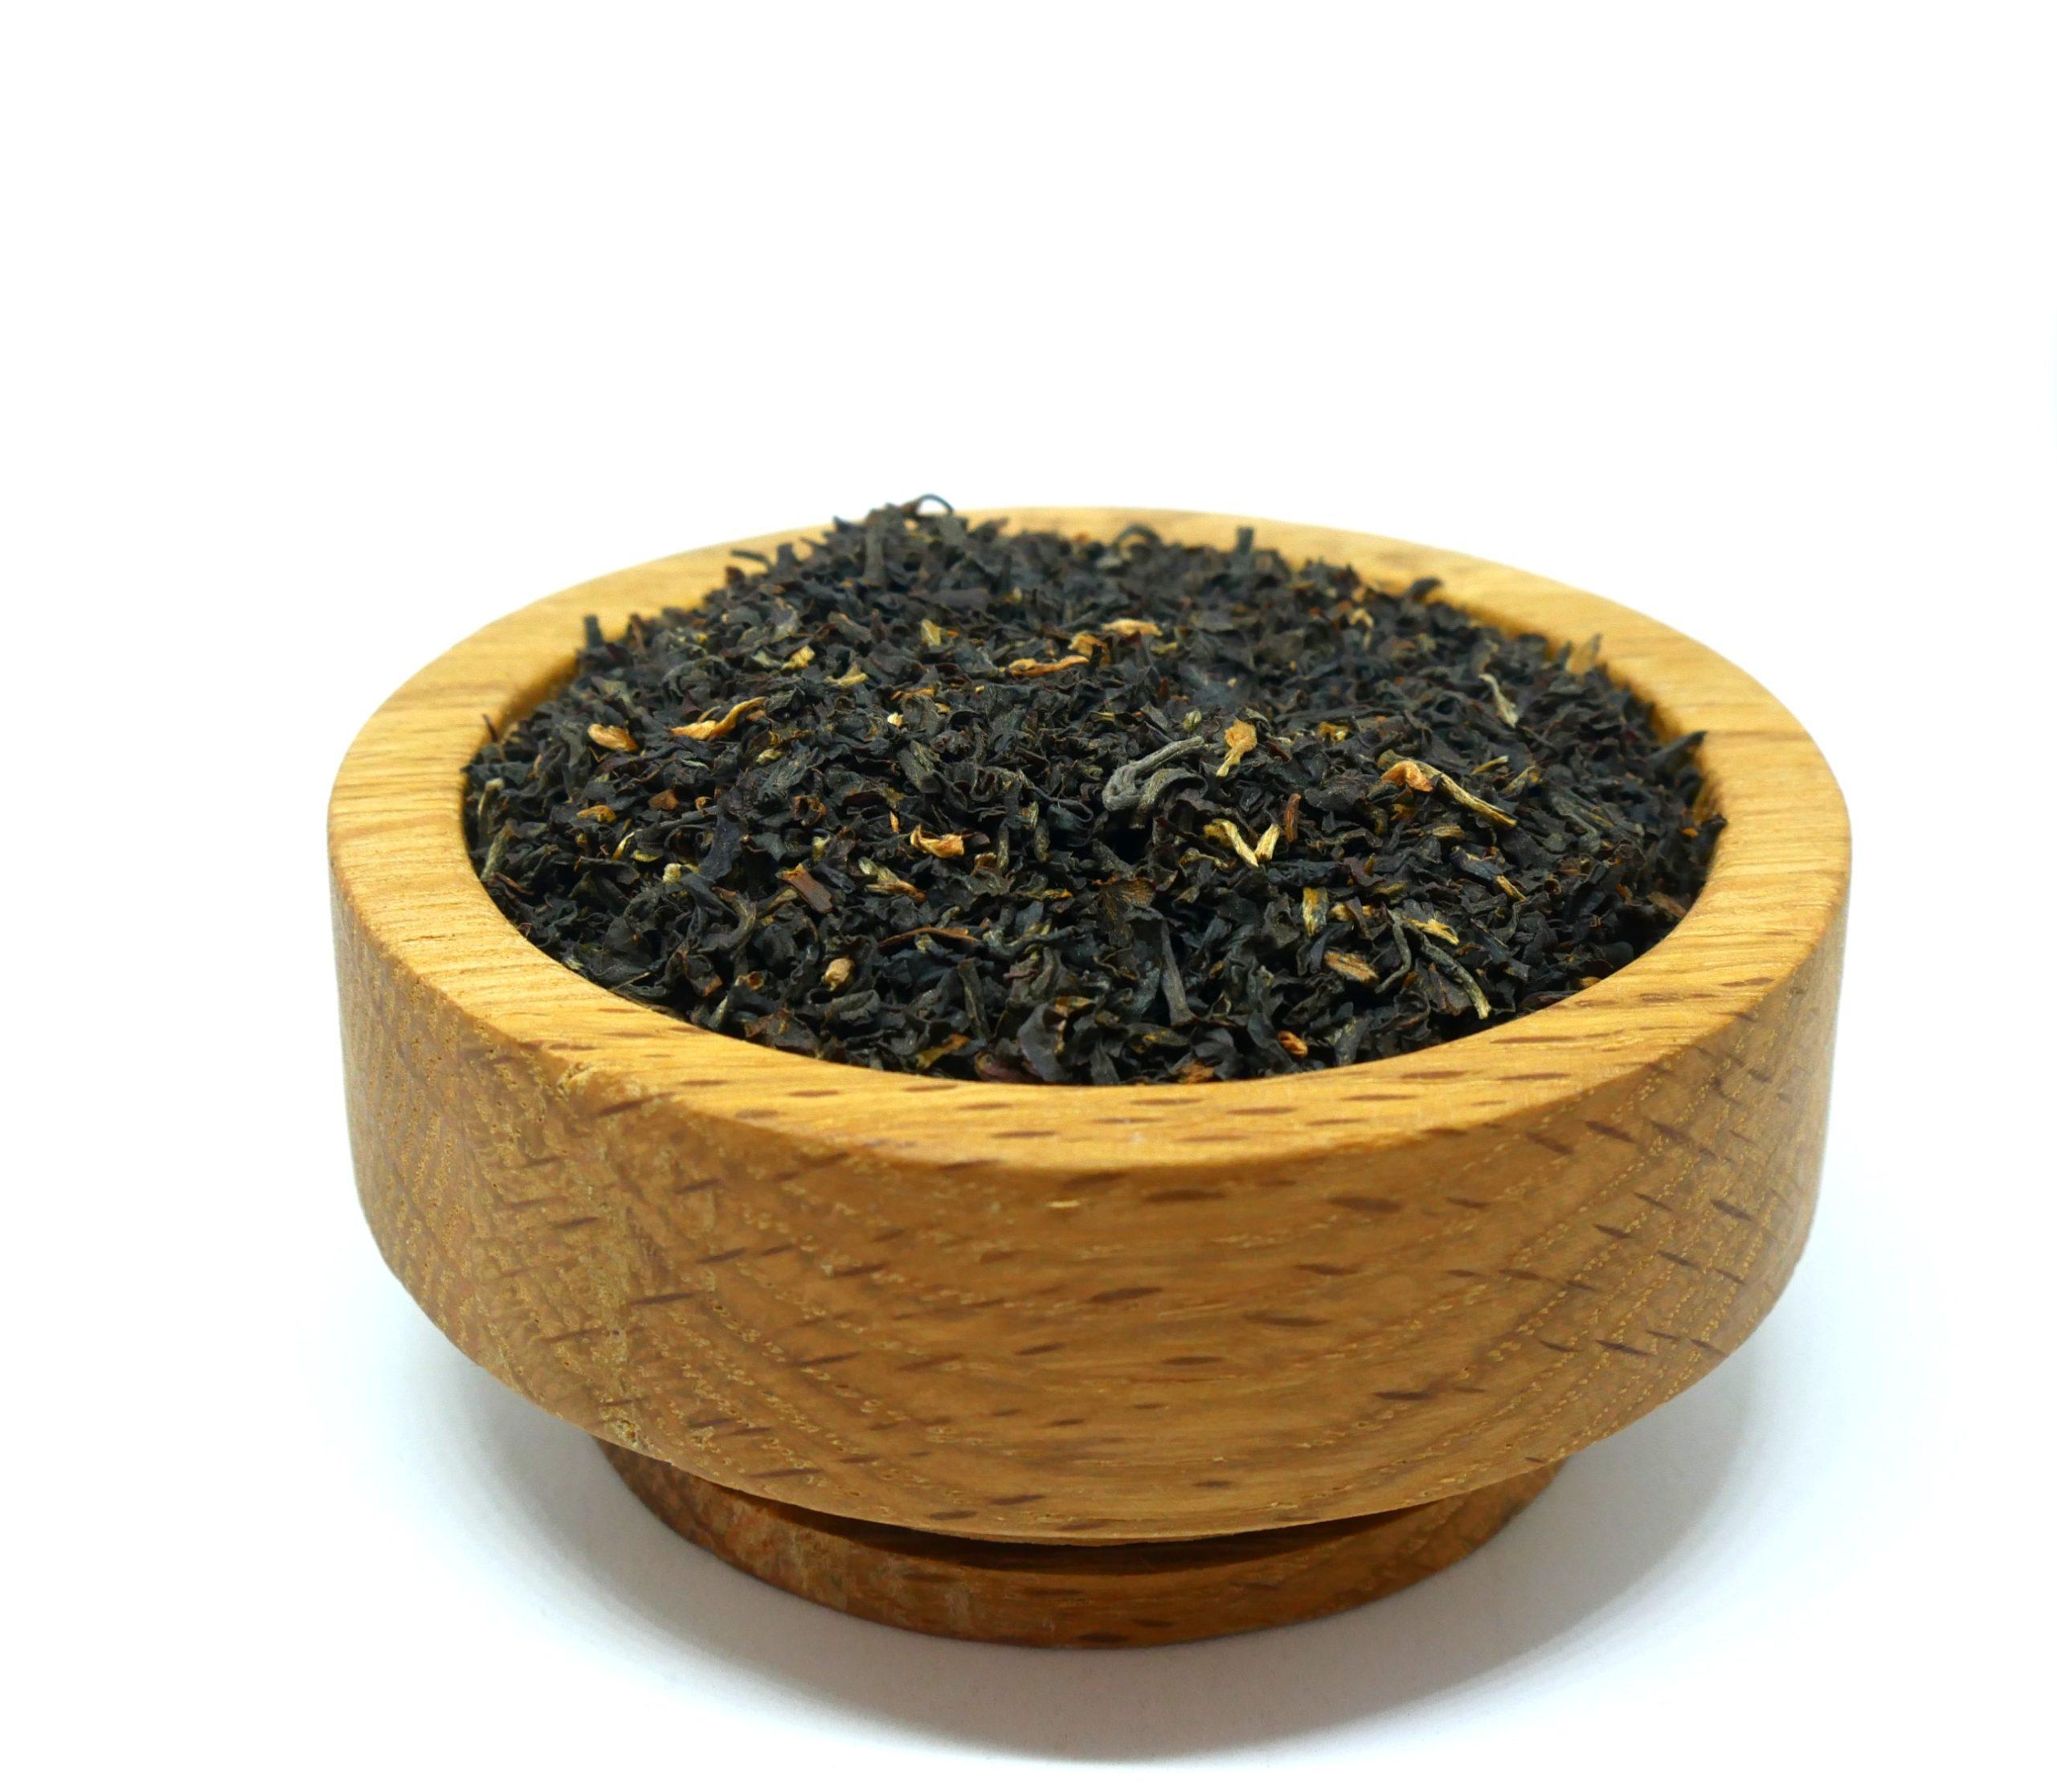 Loose leaf Assam Black Tea from the Natural Spot